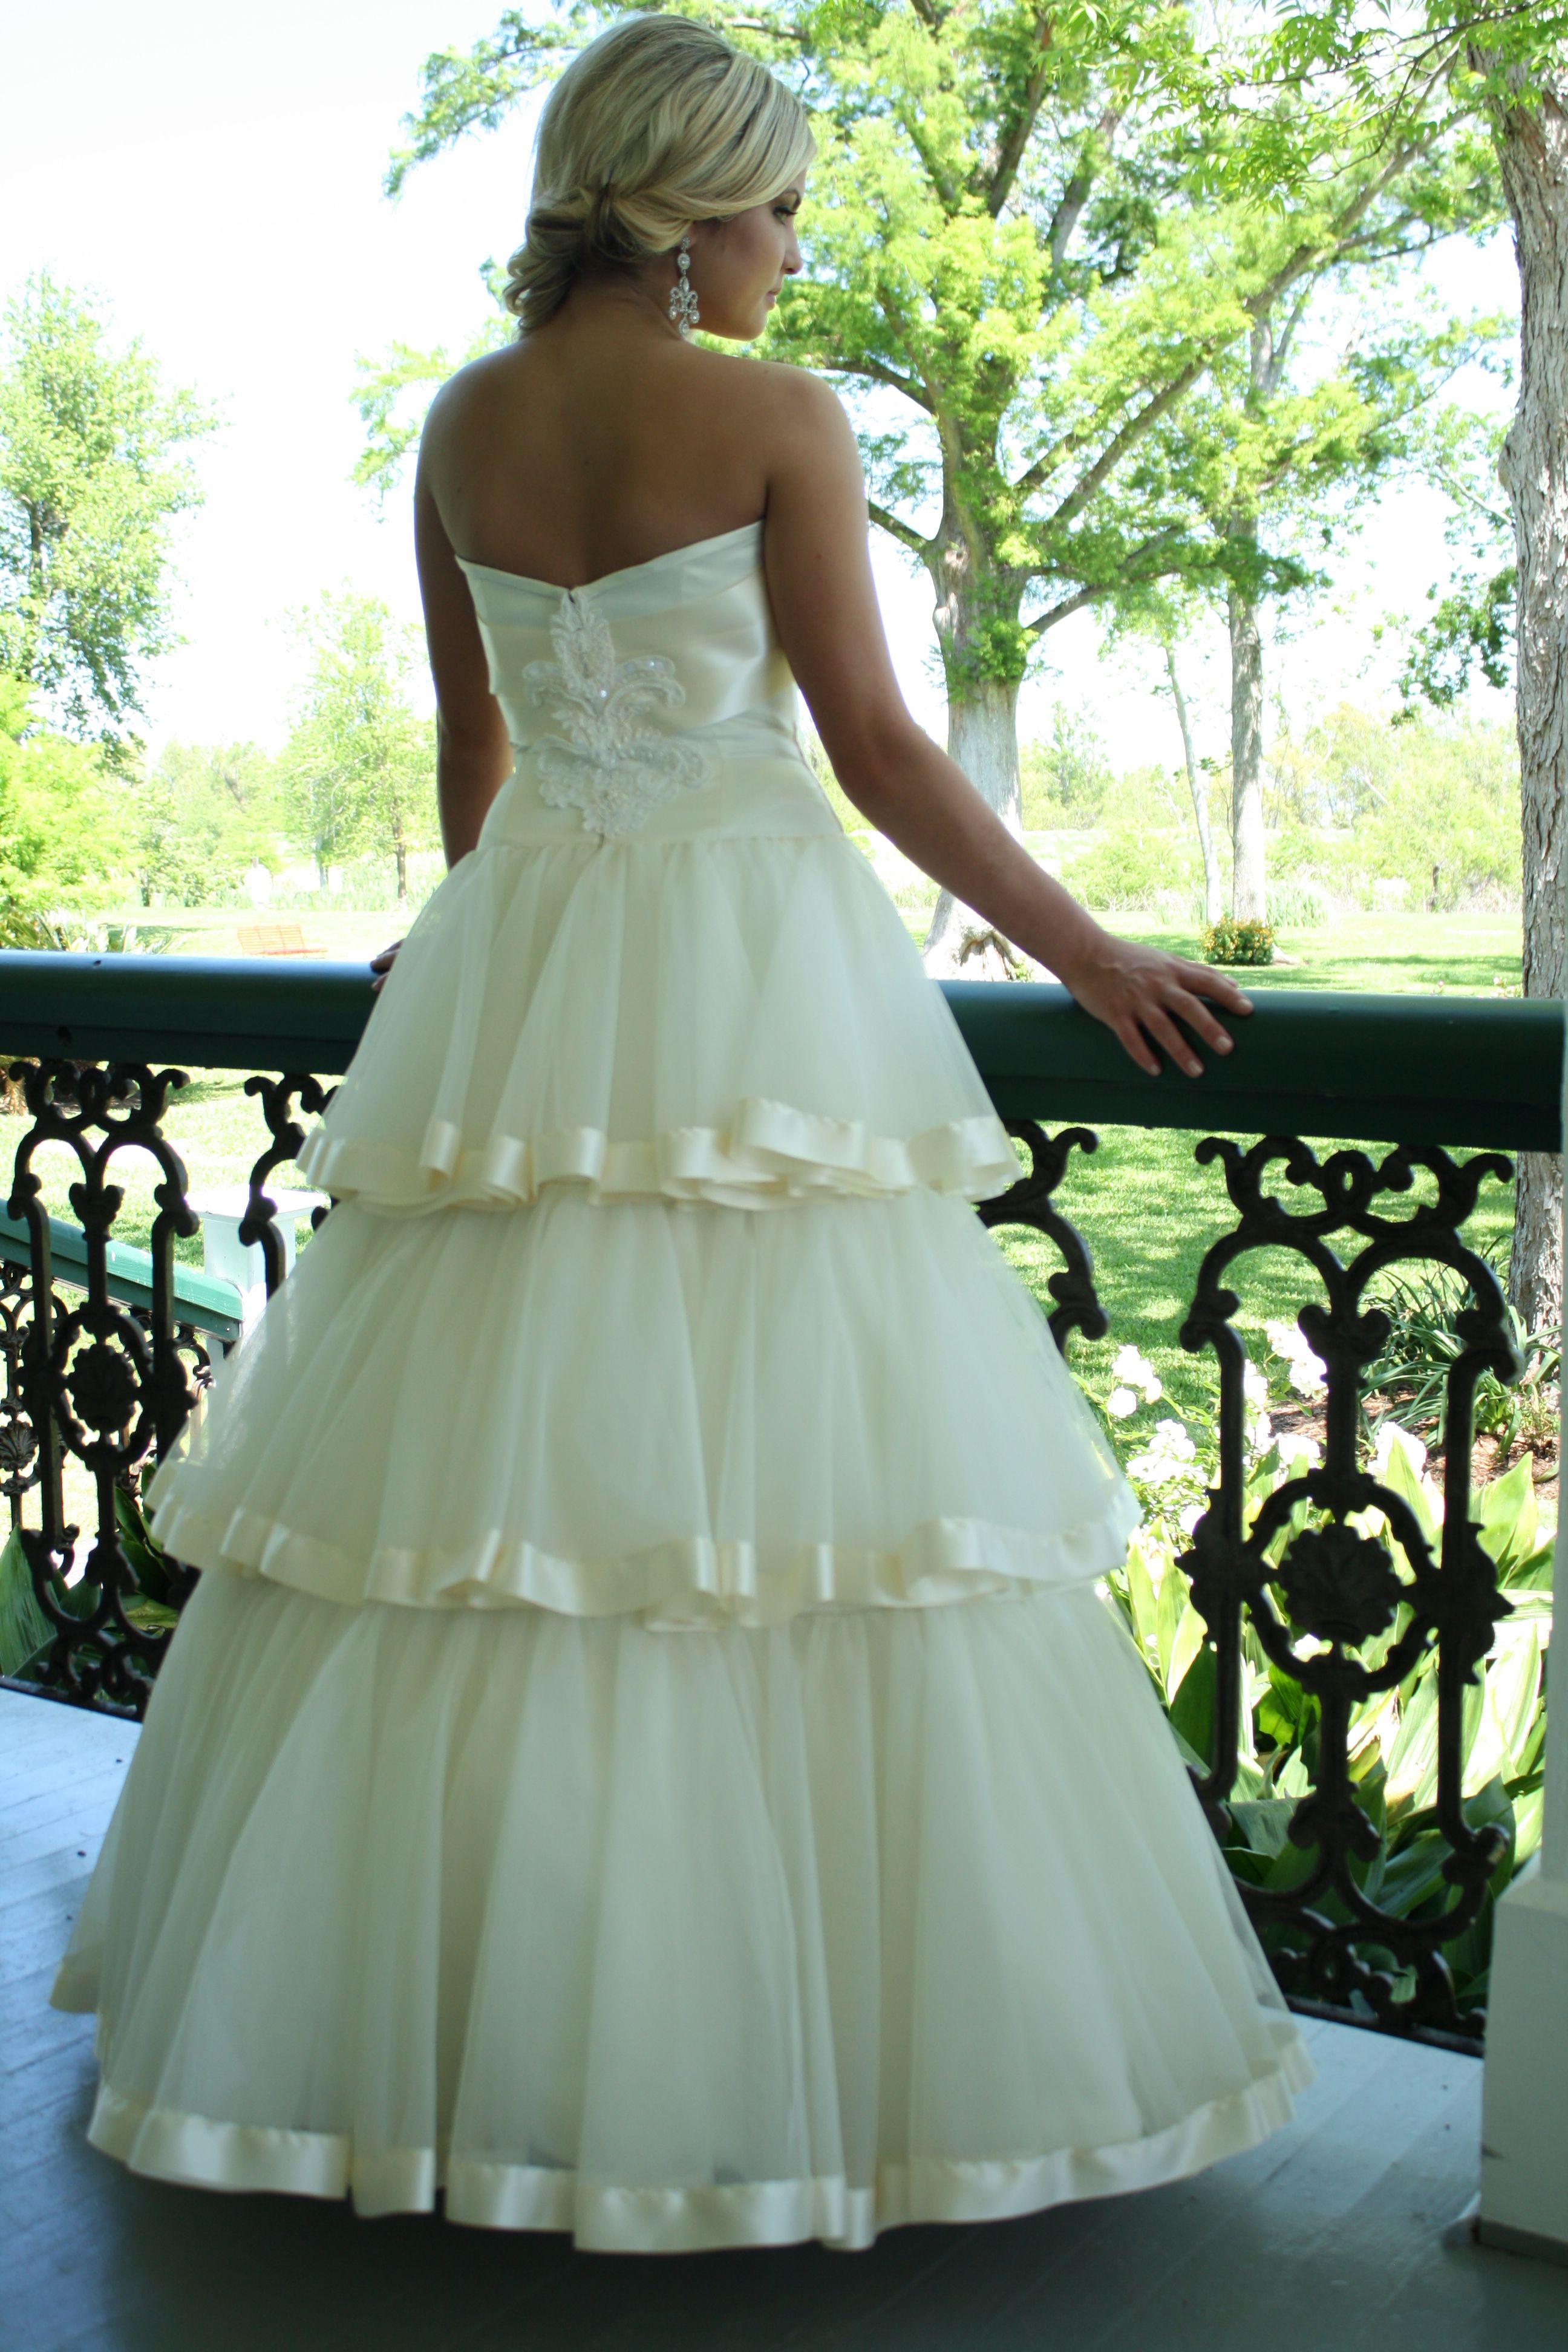 Southern Belle wedding gown... IT LOOKS LIKE AN AZALEA